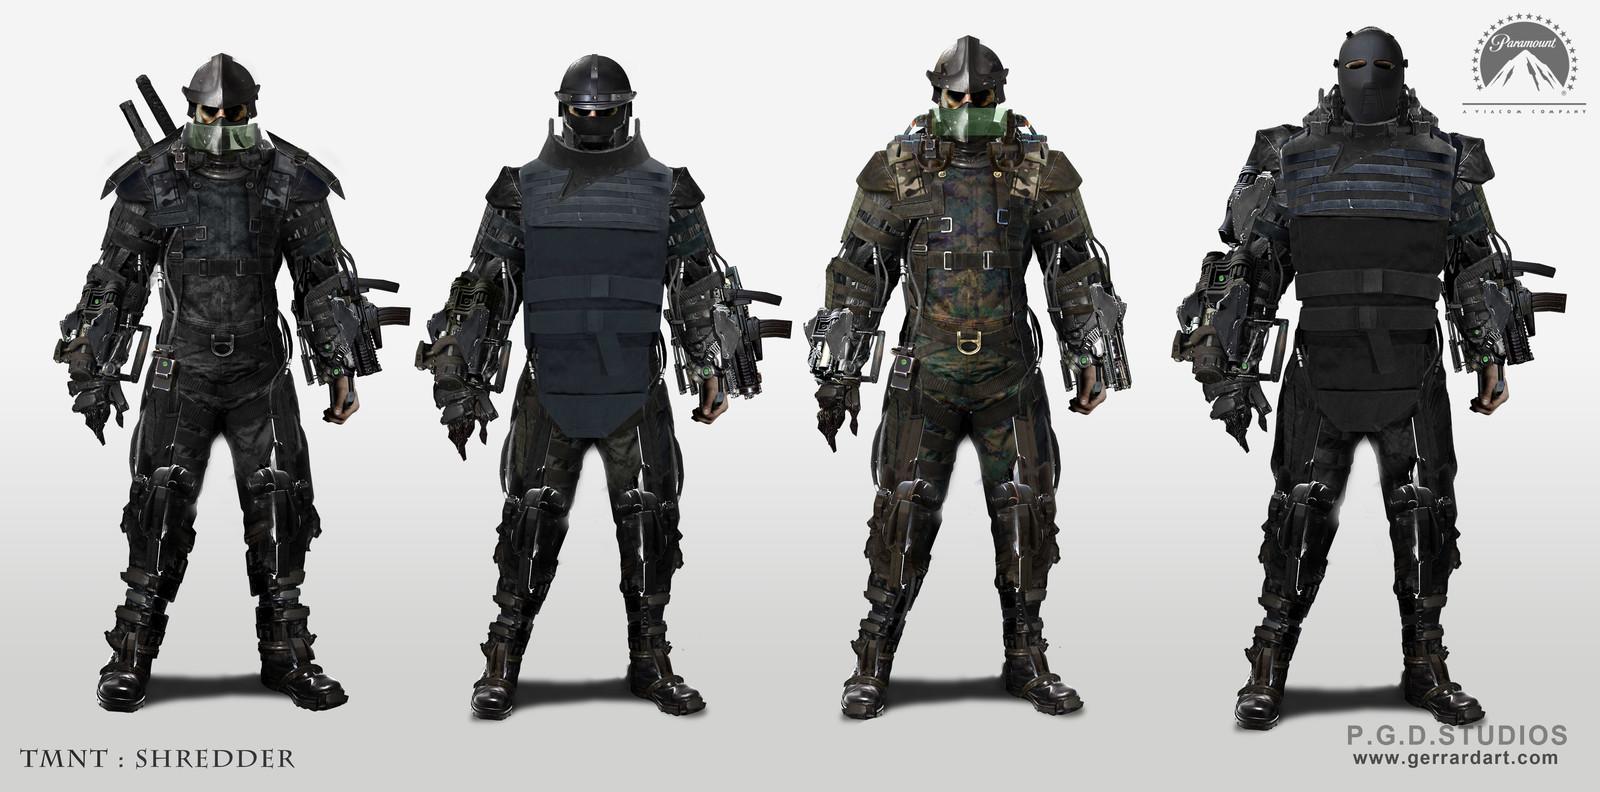 TMNT Costume Design